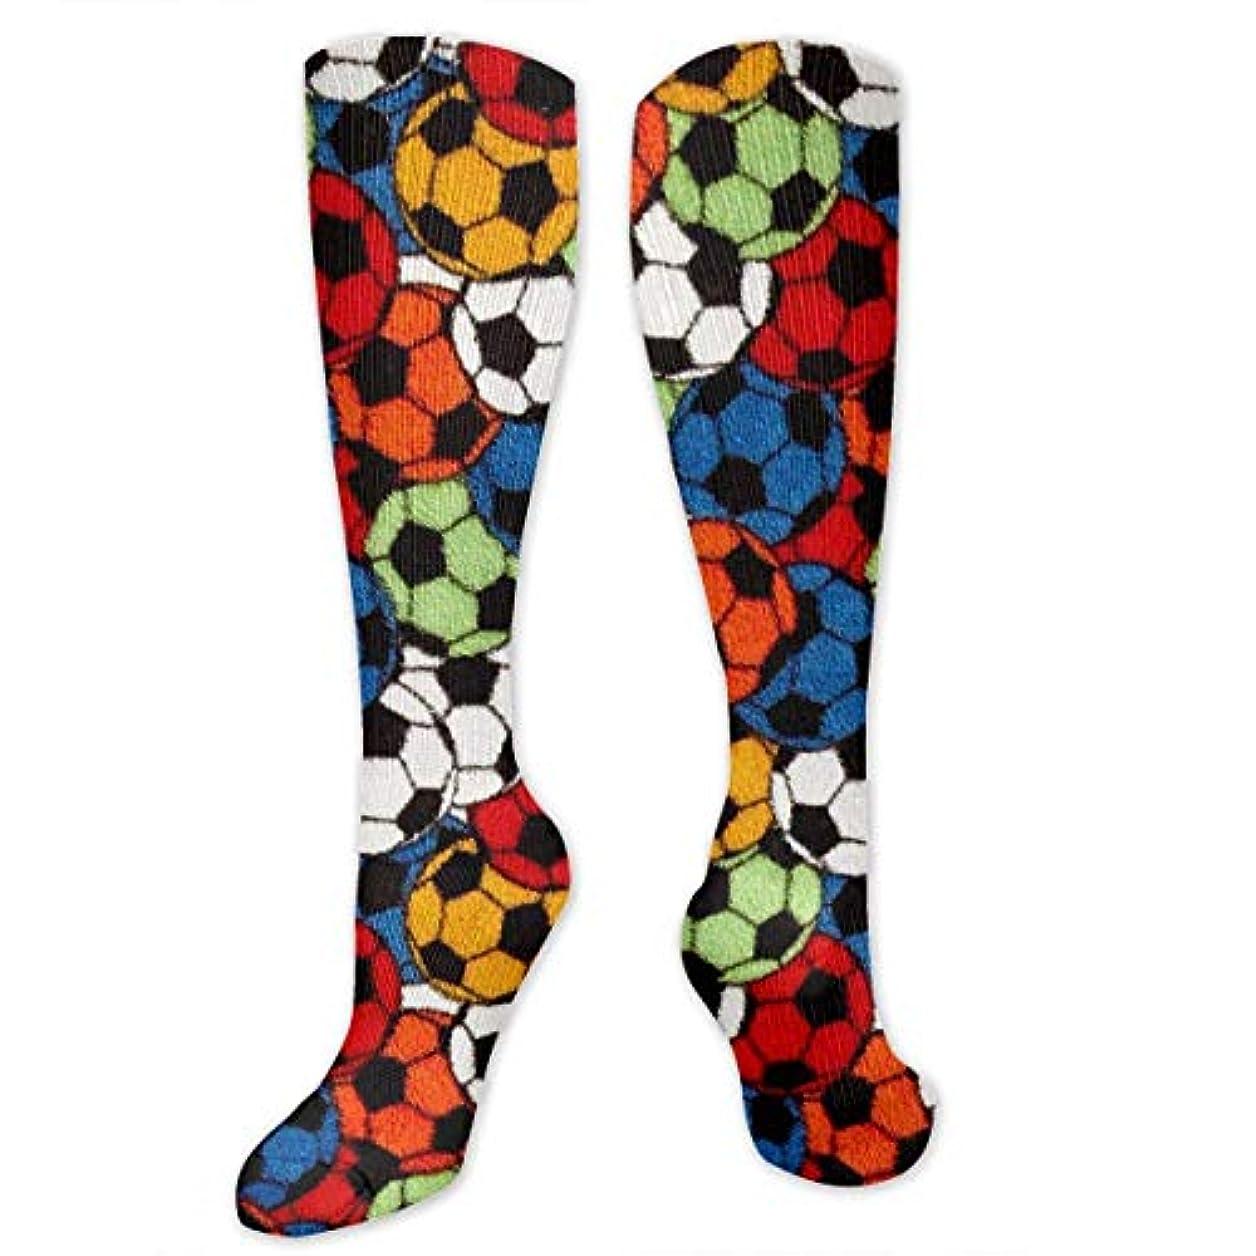 啓示魔法物理的に靴下,ストッキング,野生のジョーカー,実際,秋の本質,冬必須,サマーウェア&RBXAA Whisper Soccer Socks Women's Winter Cotton Long Tube Socks Knee High...